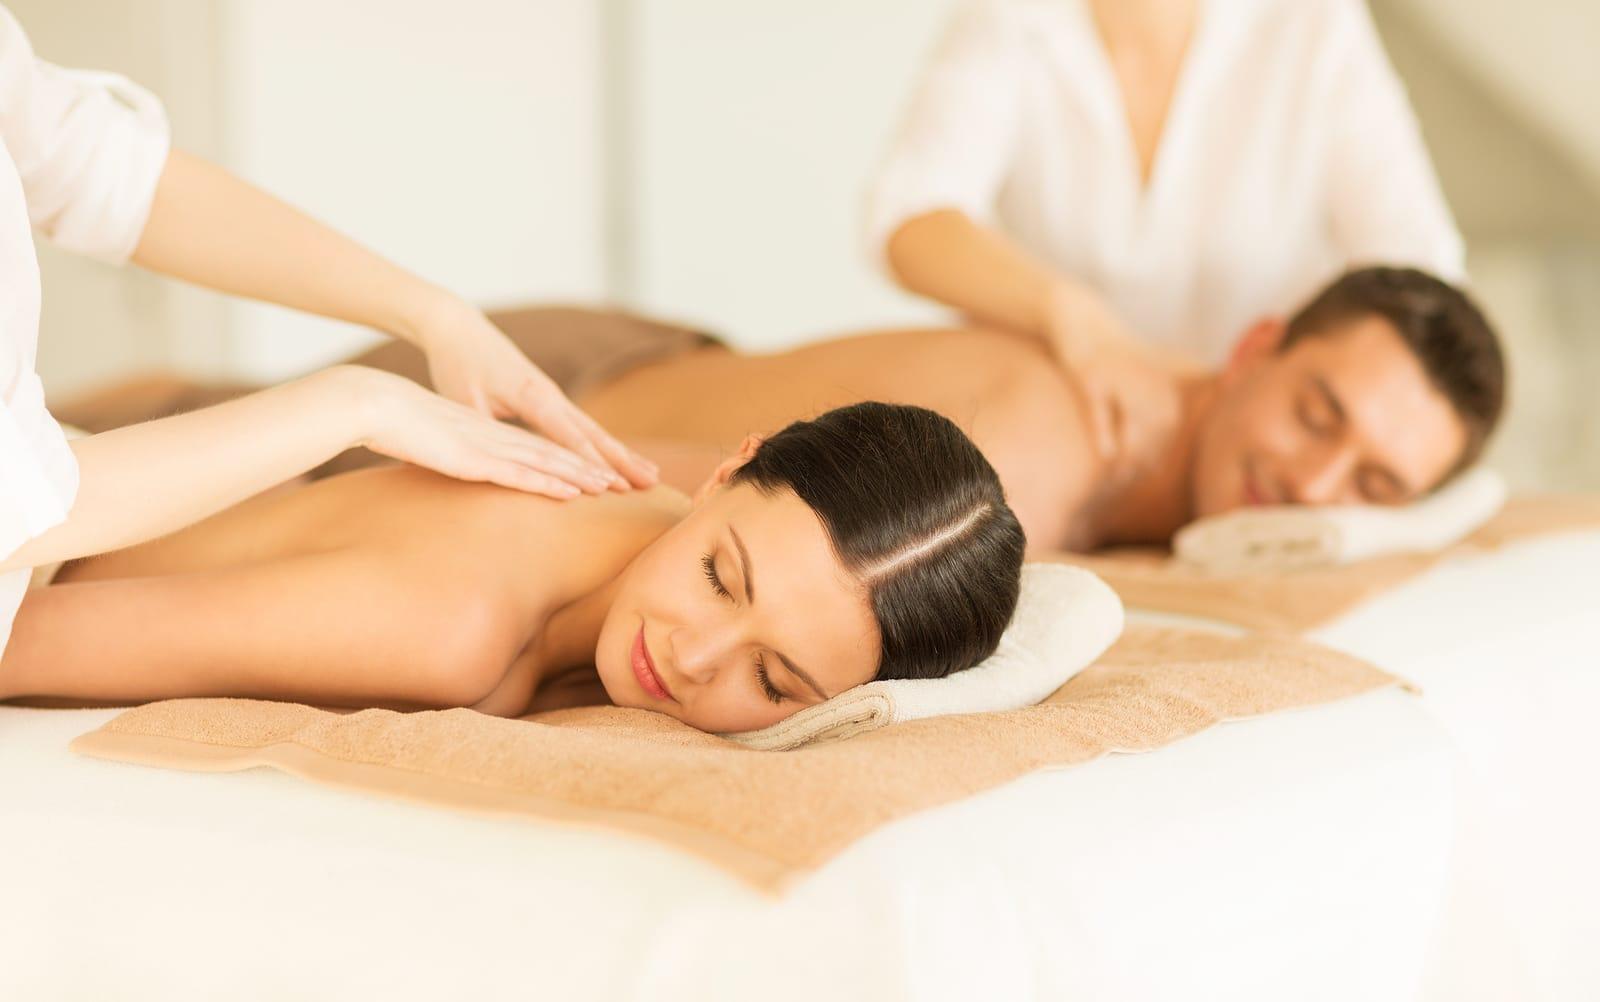 Massagem tântrica, o que é?